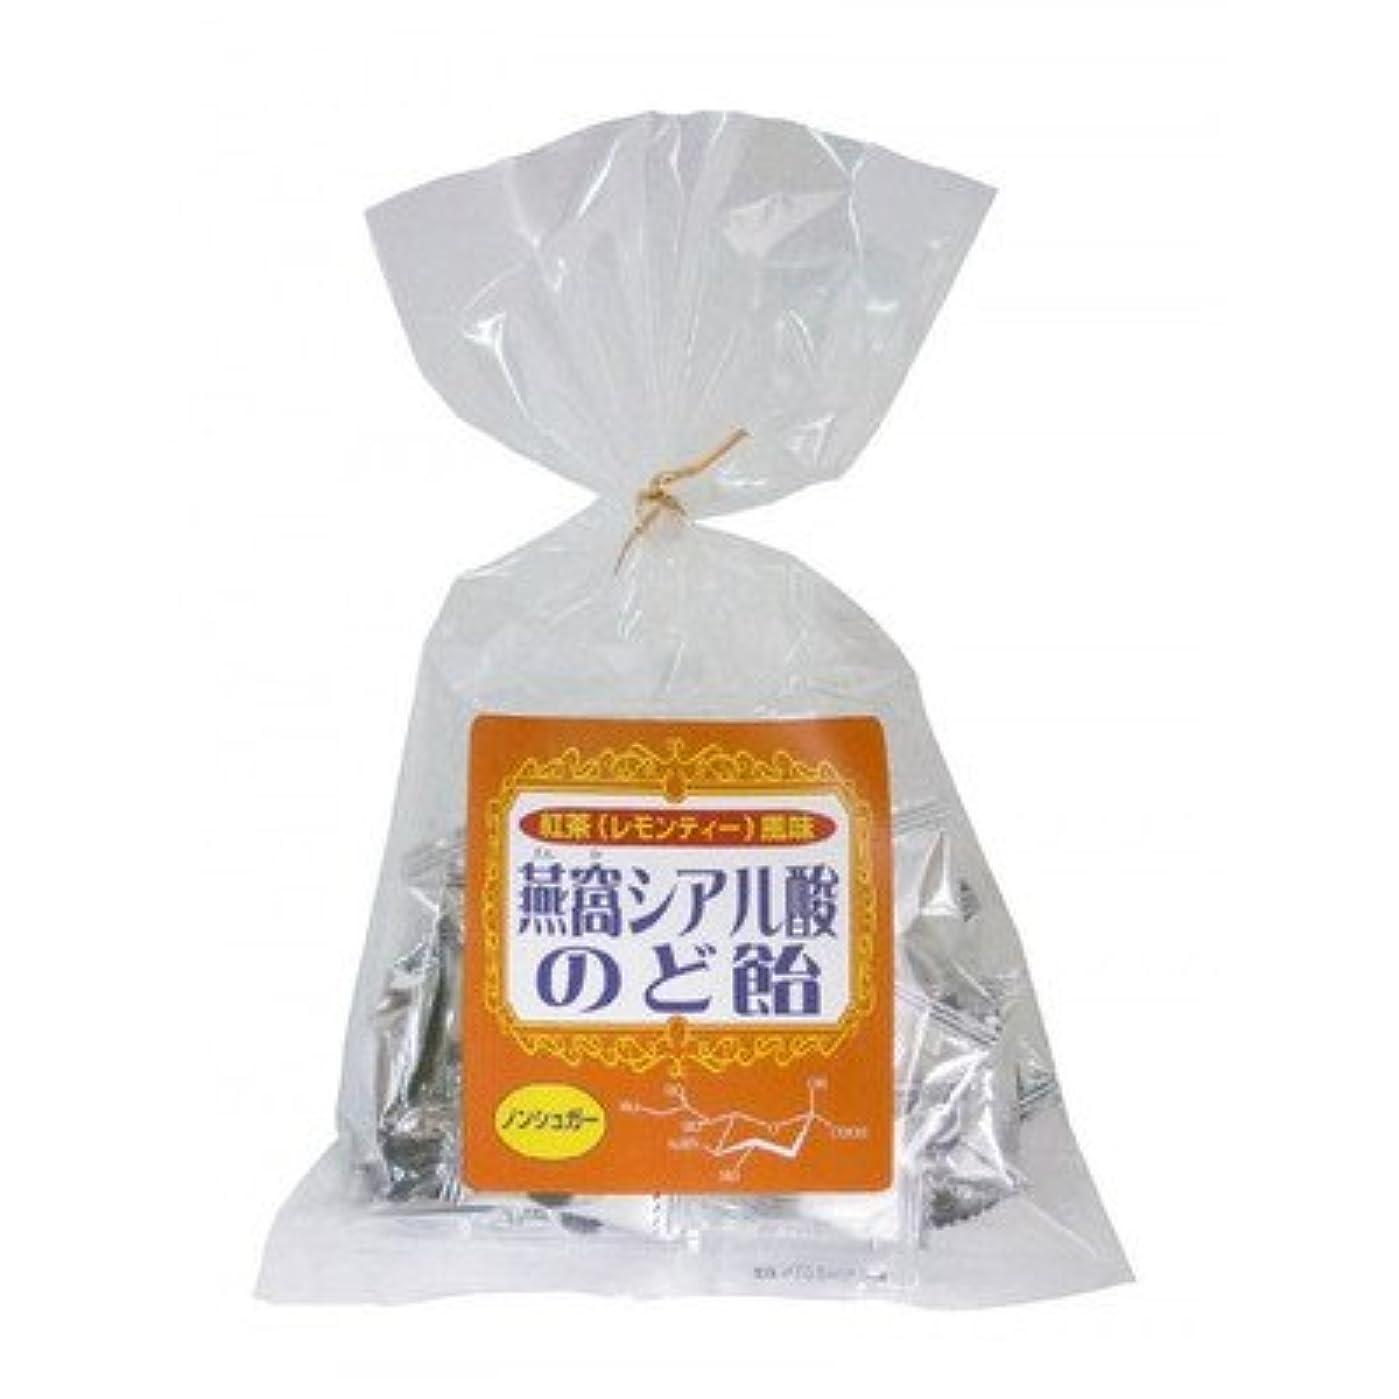 瞑想する口外交問題燕窩シアル酸のど飴ノンシュガー 紅茶(レモンティー)風味 87g×3袋